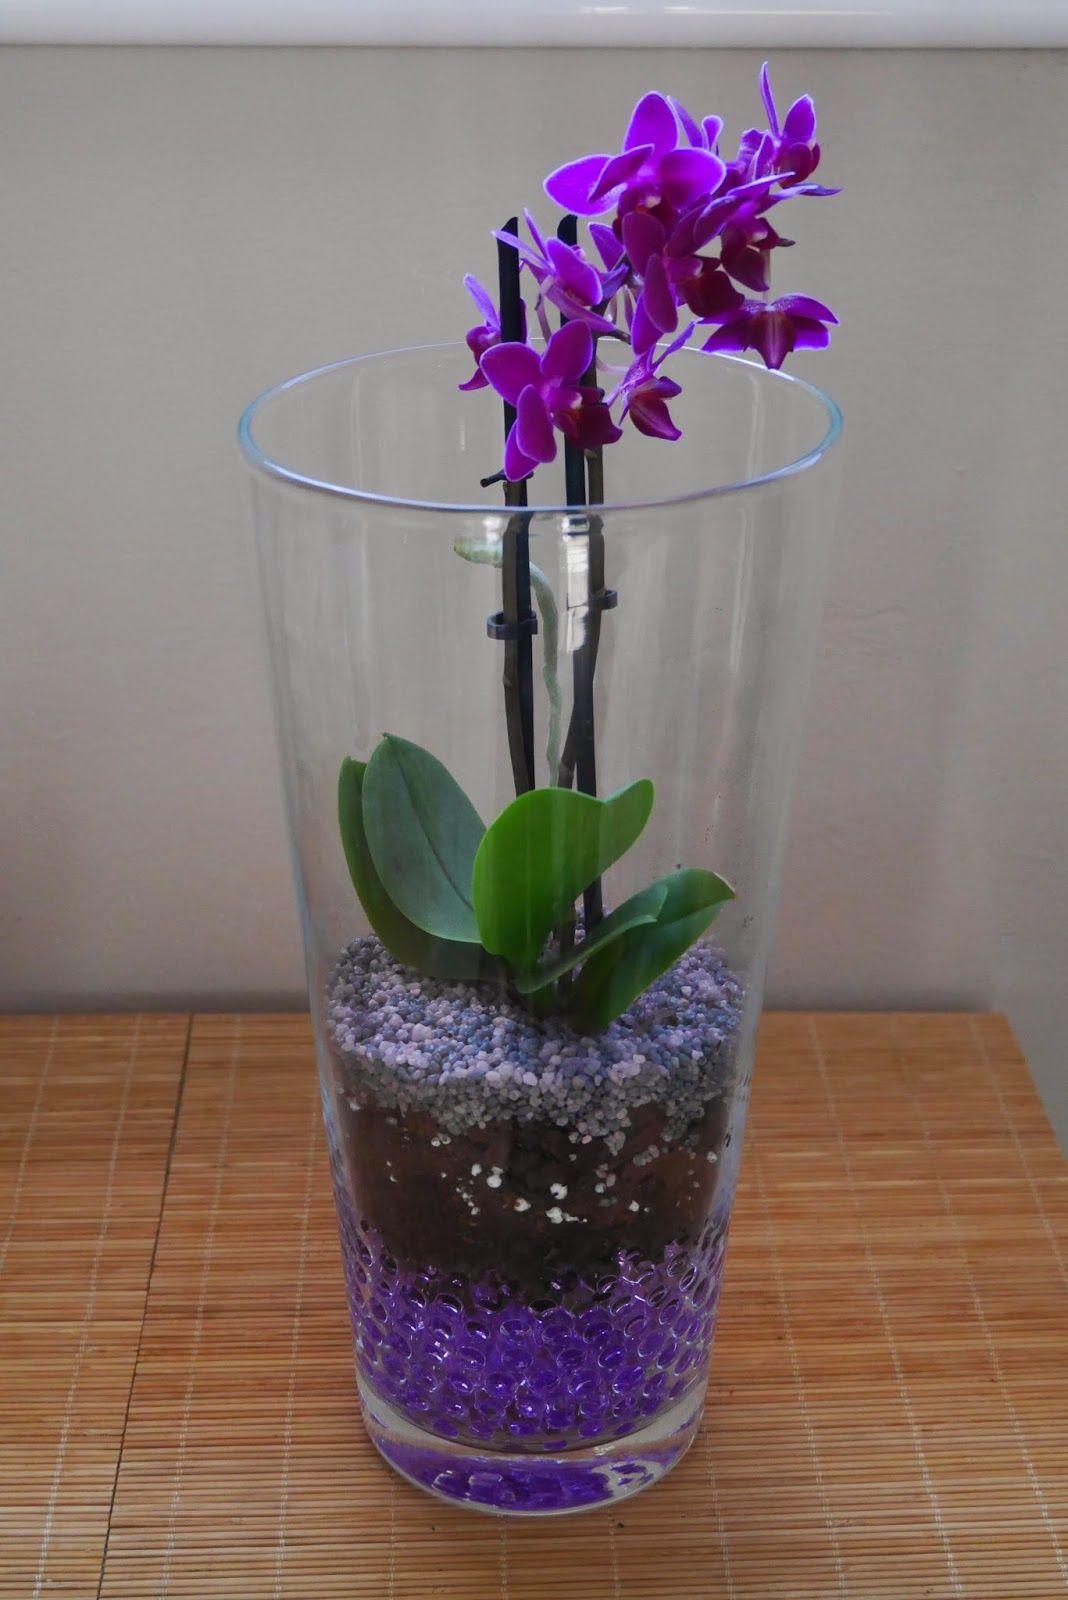 Orquídea Mariposa Mini Plantada En Gel Dentro De Jarrón De Cristal Mrwashisancreation Terrario De Orquídeas Jarrón De Cristal Decoracion Con Jarrones